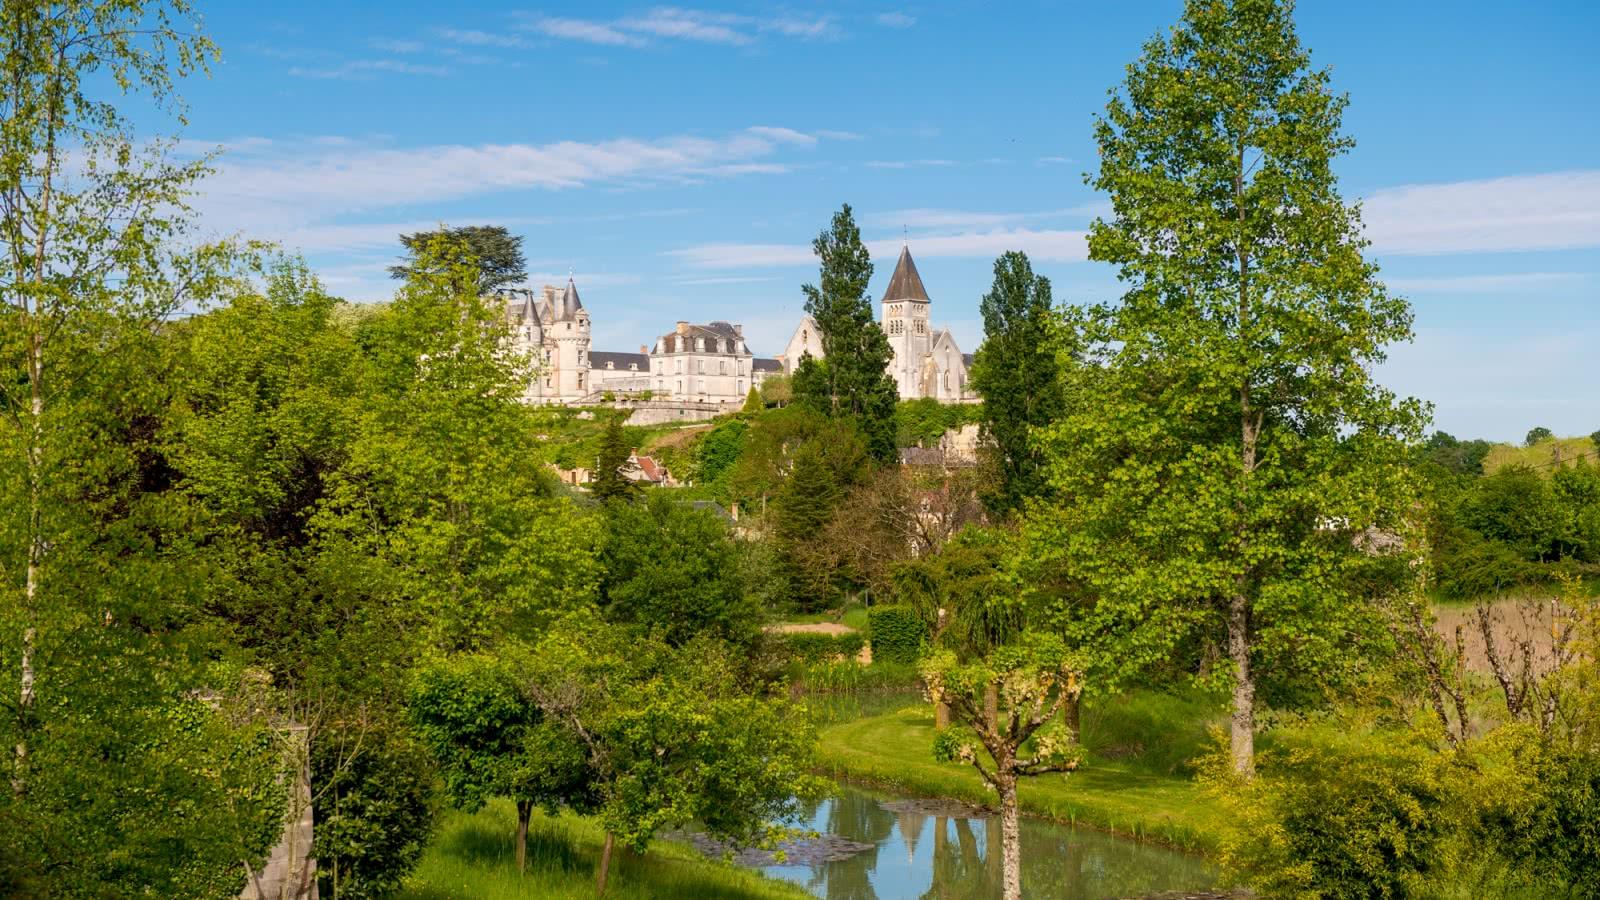 Village de Châteauvieux en vallée du Cher - Vacances en Loir-et-Cher ©Cyril Chigot - Conseil Départemental 41